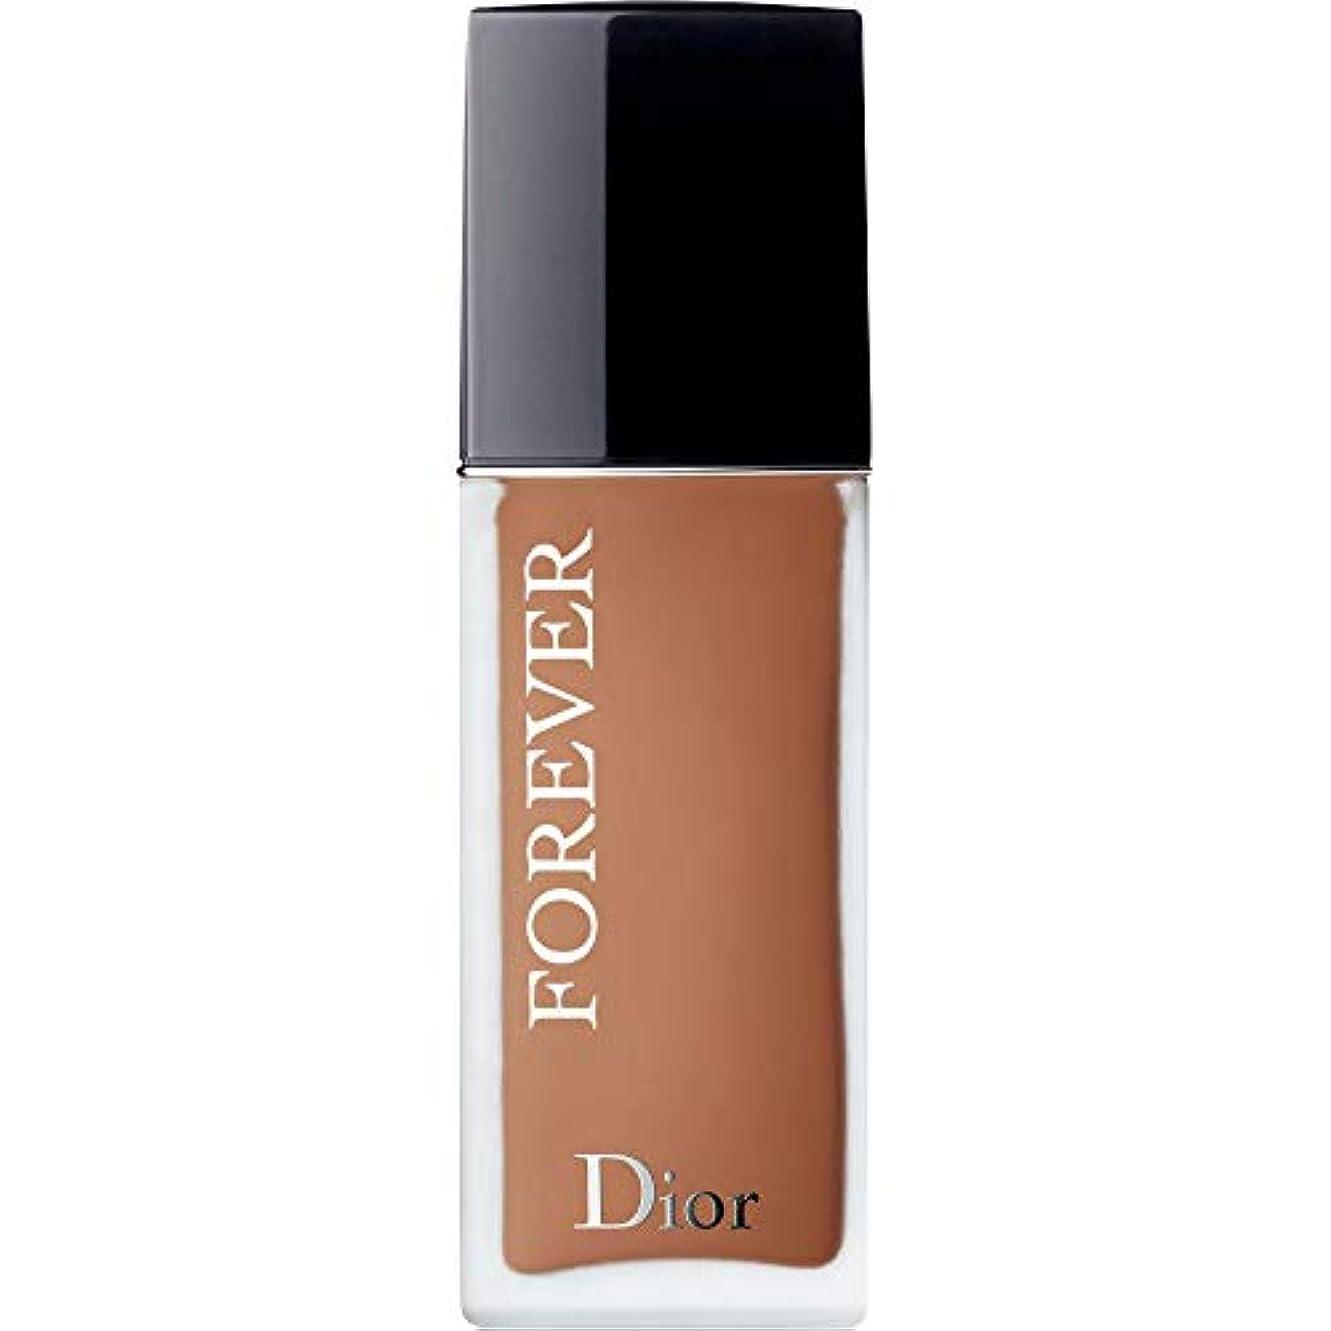 であること花束軽[Dior ] ディオール永遠皮膚思いやりの基盤Spf35 30ミリリットルの5N - ニュートラル(つや消し) - DIOR Forever Skin-Caring Foundation SPF35 30ml 5N -...